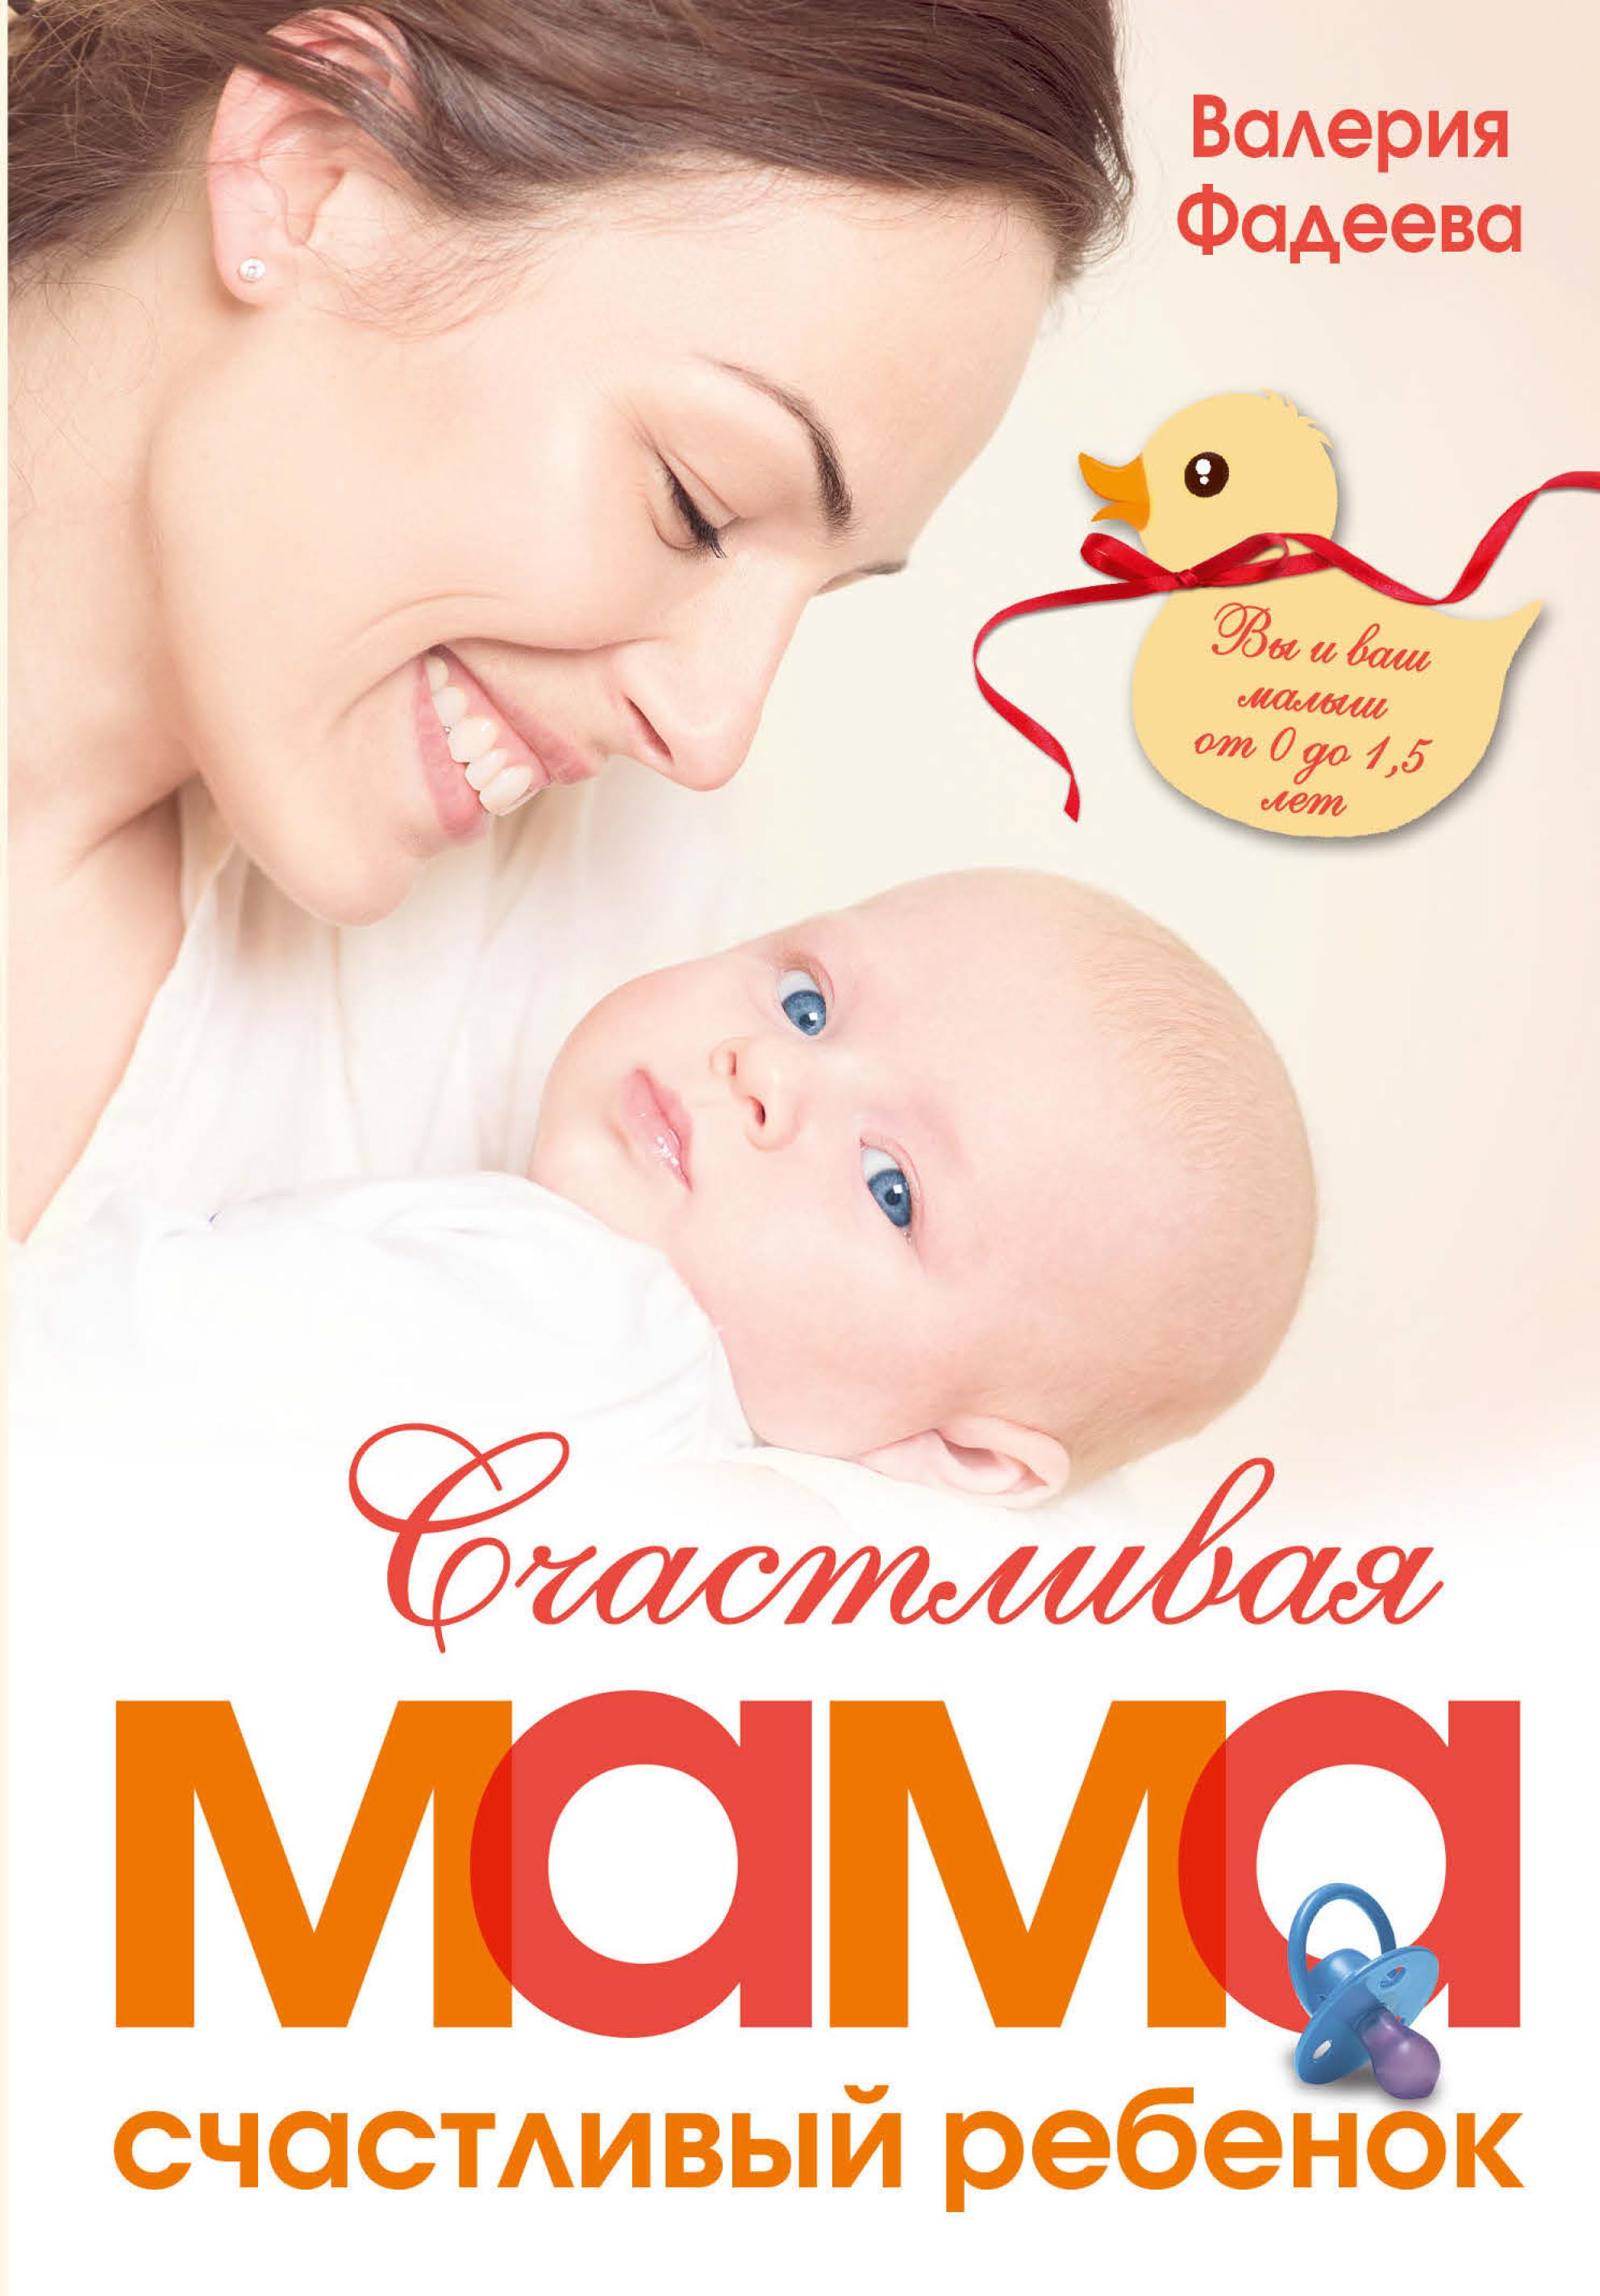 Валерия Фадеева Счастливая мама – счастливый ребенок: вы и ваш малыш от 0 до 1,5 лет фадеева в счастливая мама счастливый ребенок вы и ваш малыш от 0 до 1 5 лет